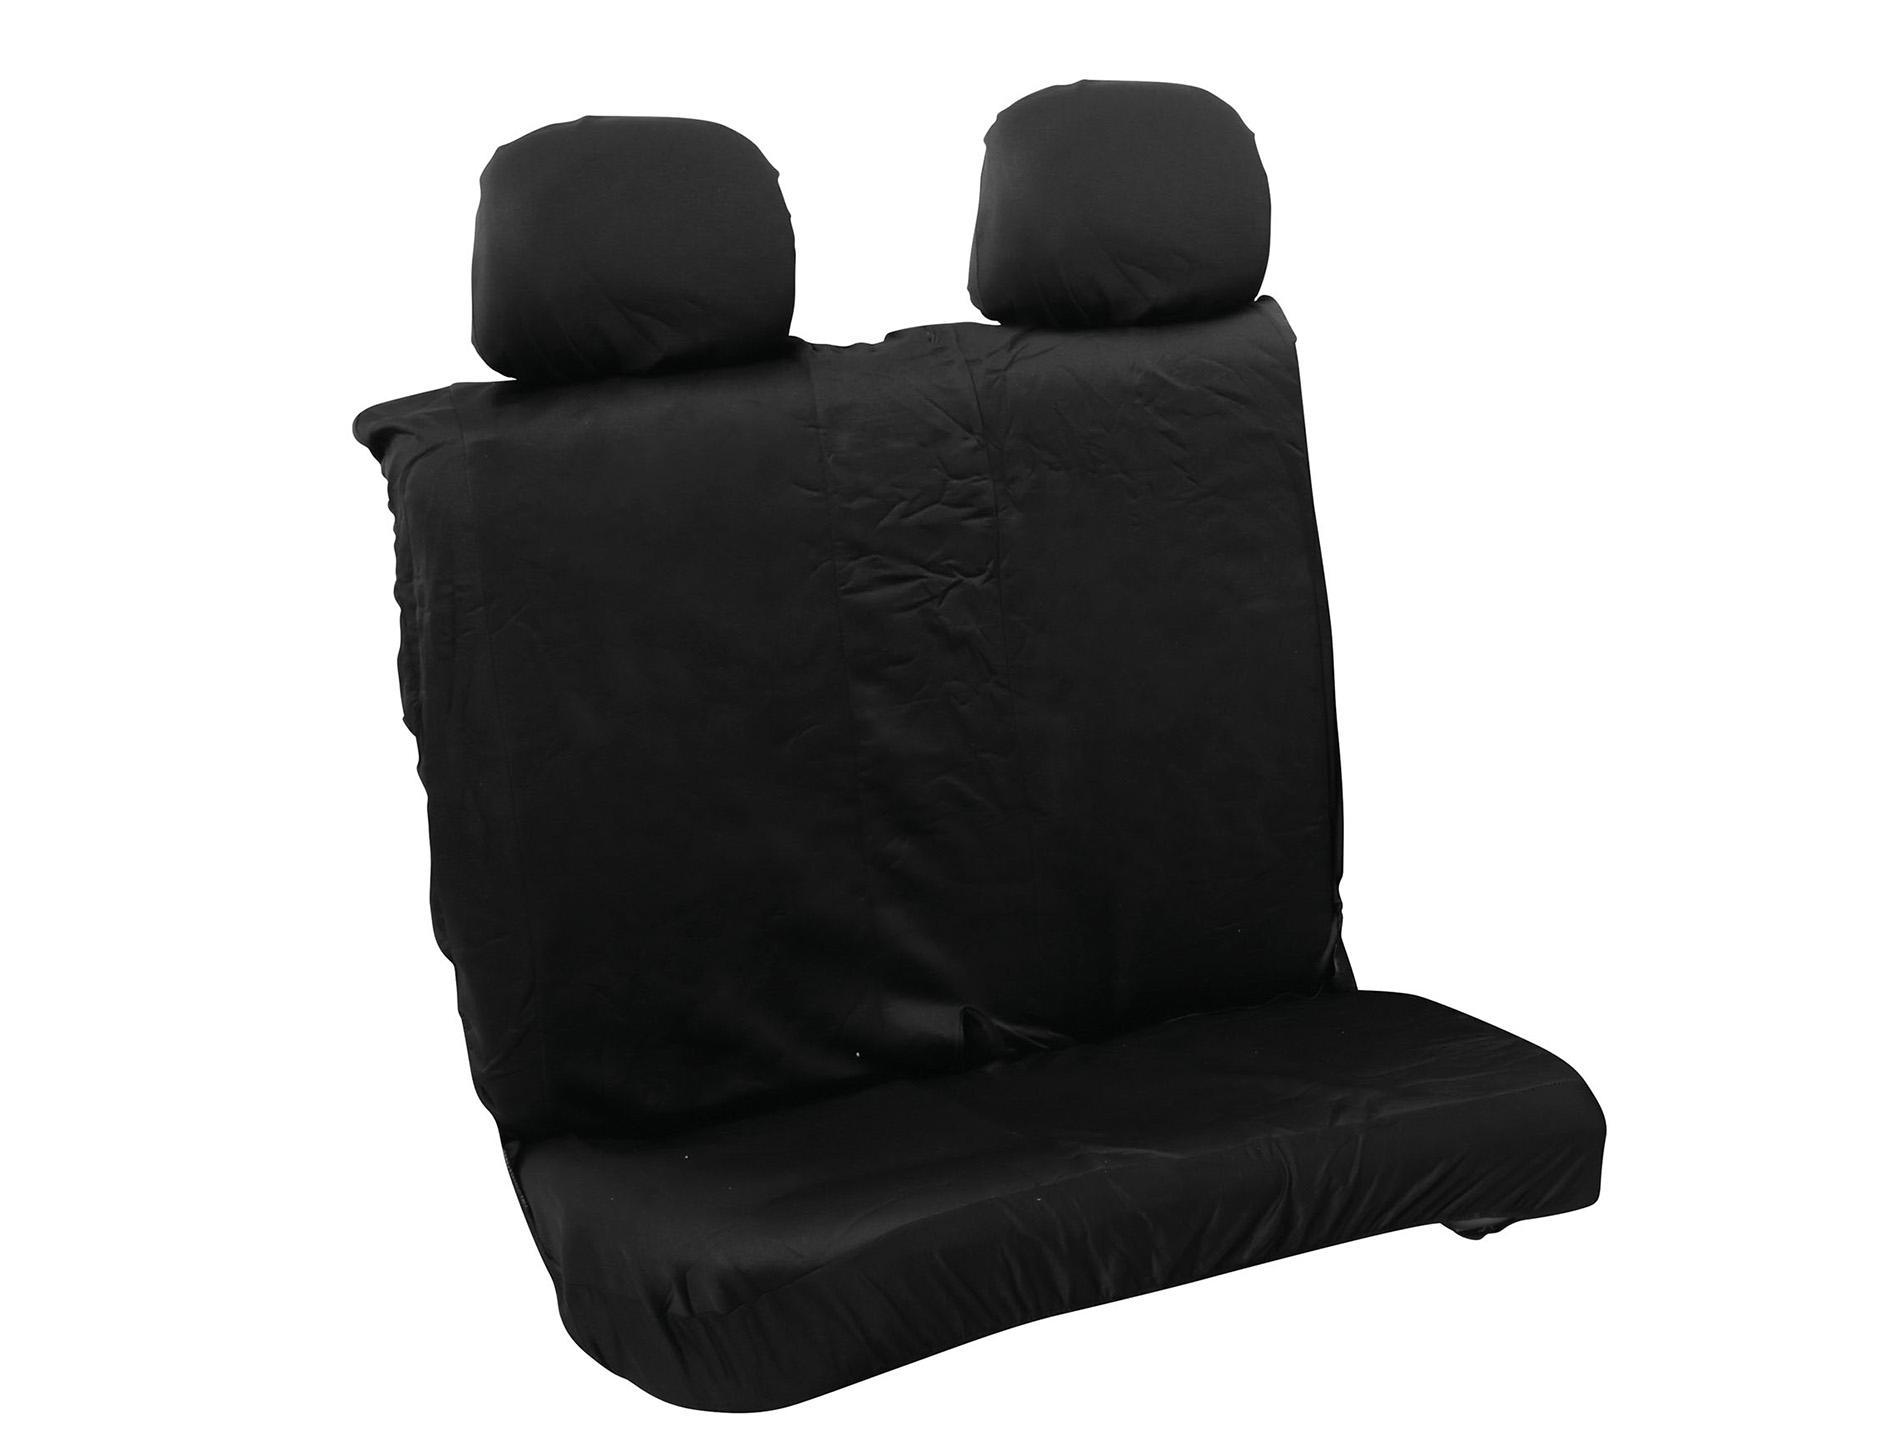 housse de banquette double utilitaire accessoires auto et confort entretien et quipement. Black Bedroom Furniture Sets. Home Design Ideas